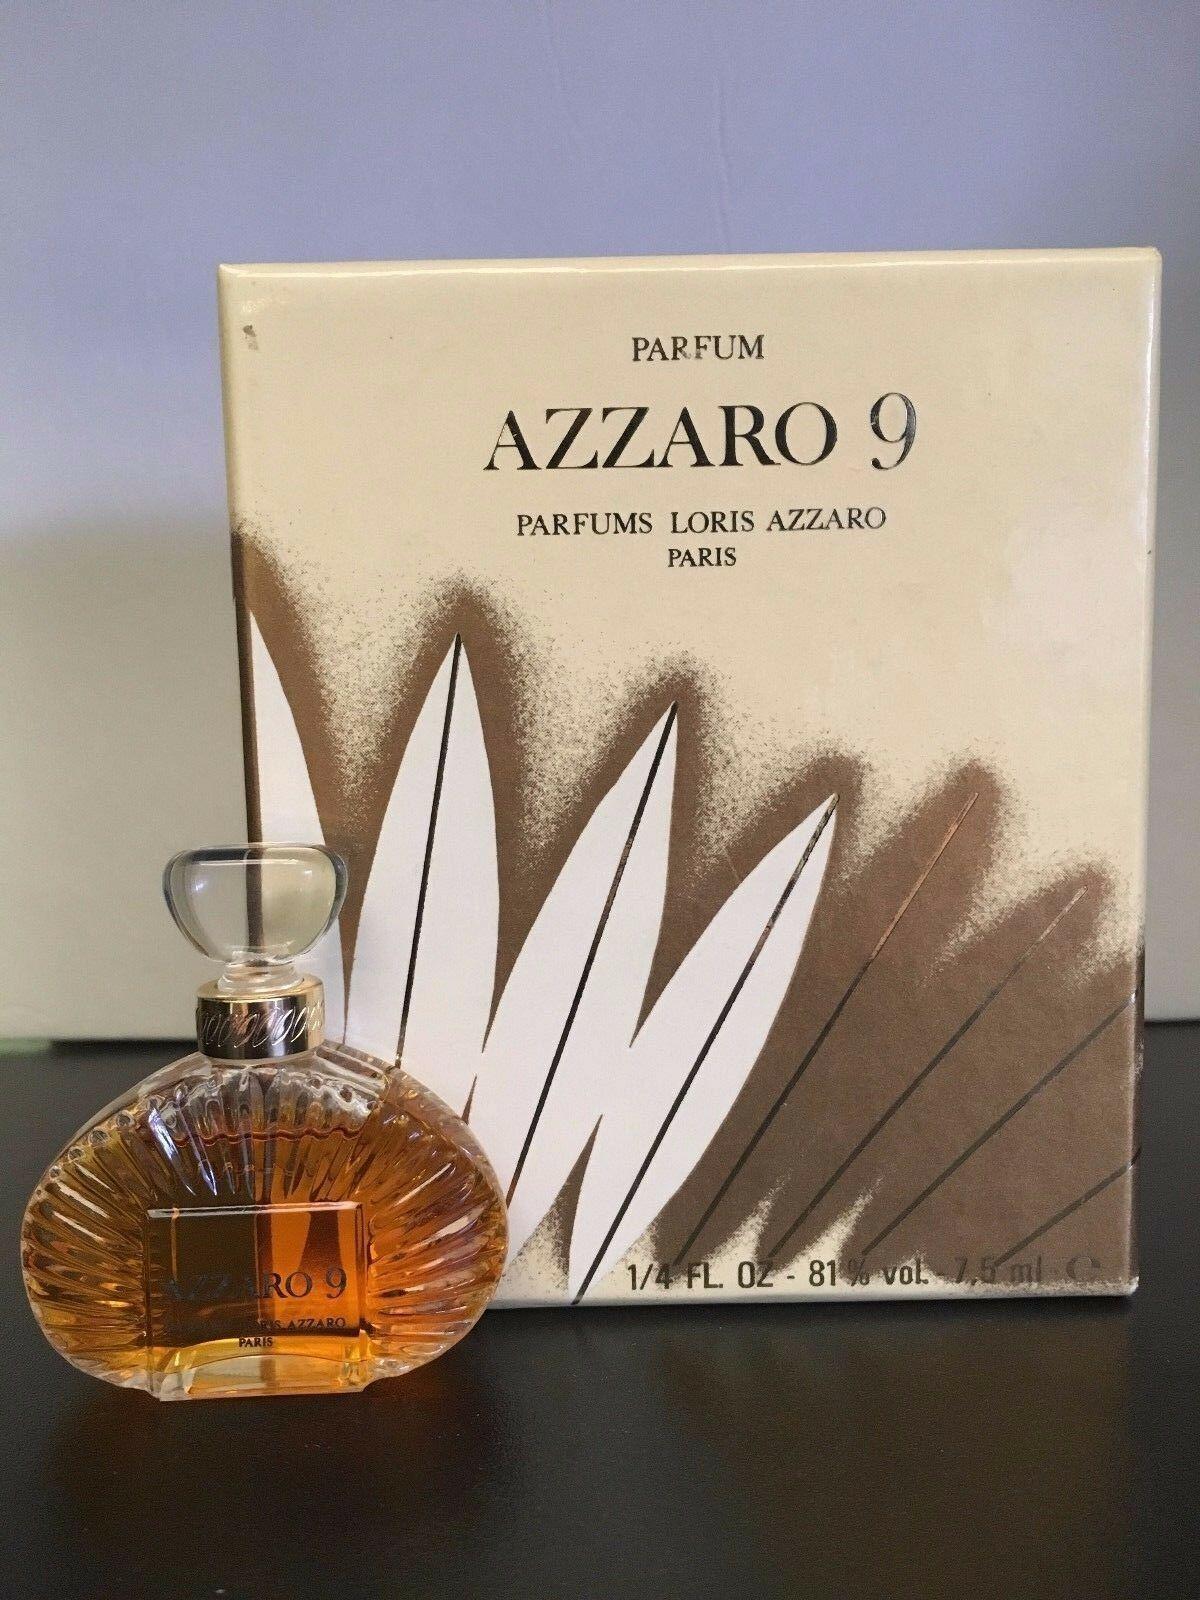 Azzaro azzaro 9 2.7 oz pure perfume